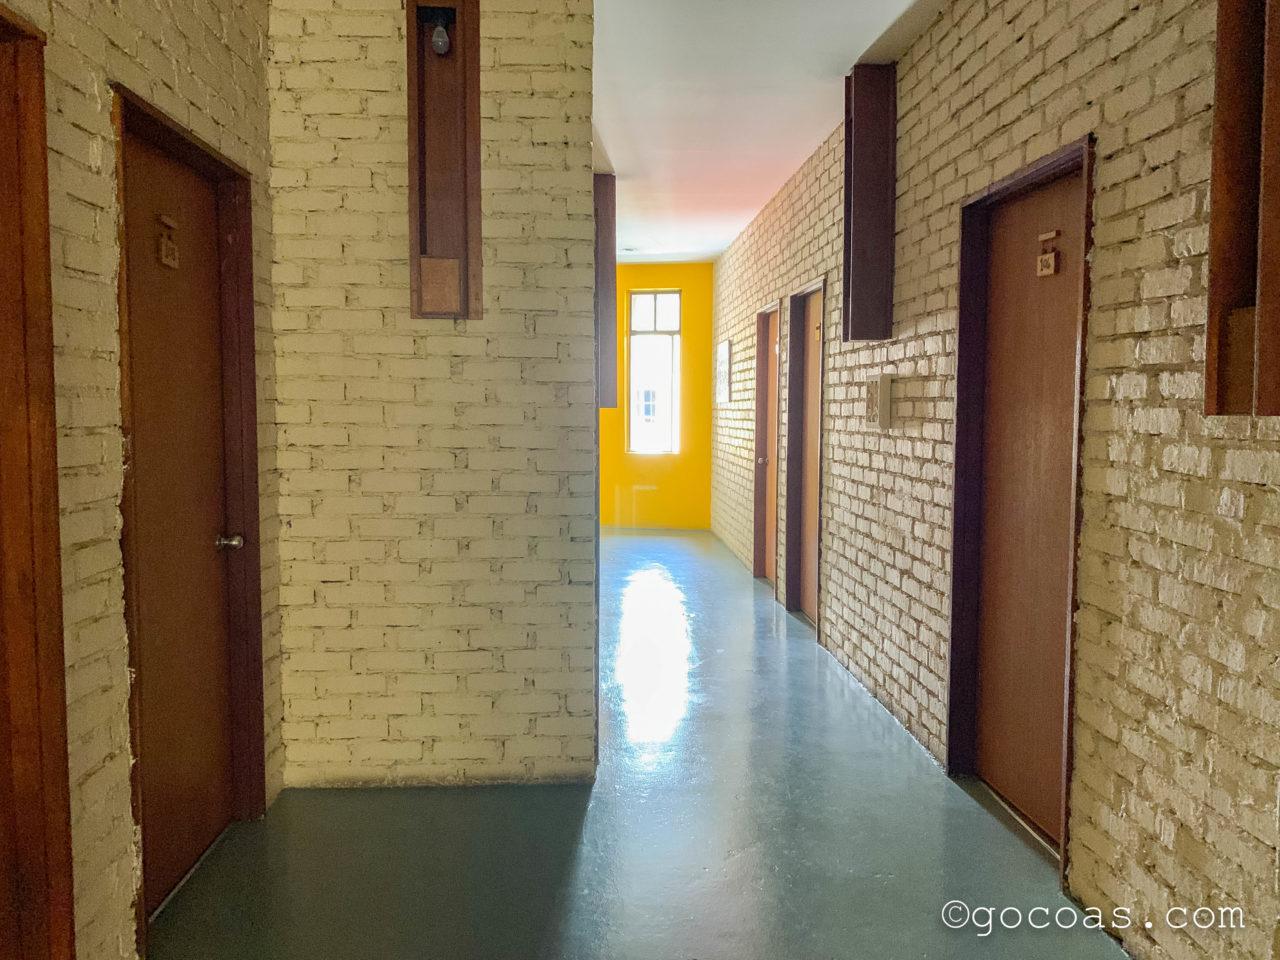 ザ エクスプローラー ゲストハウスの廊下